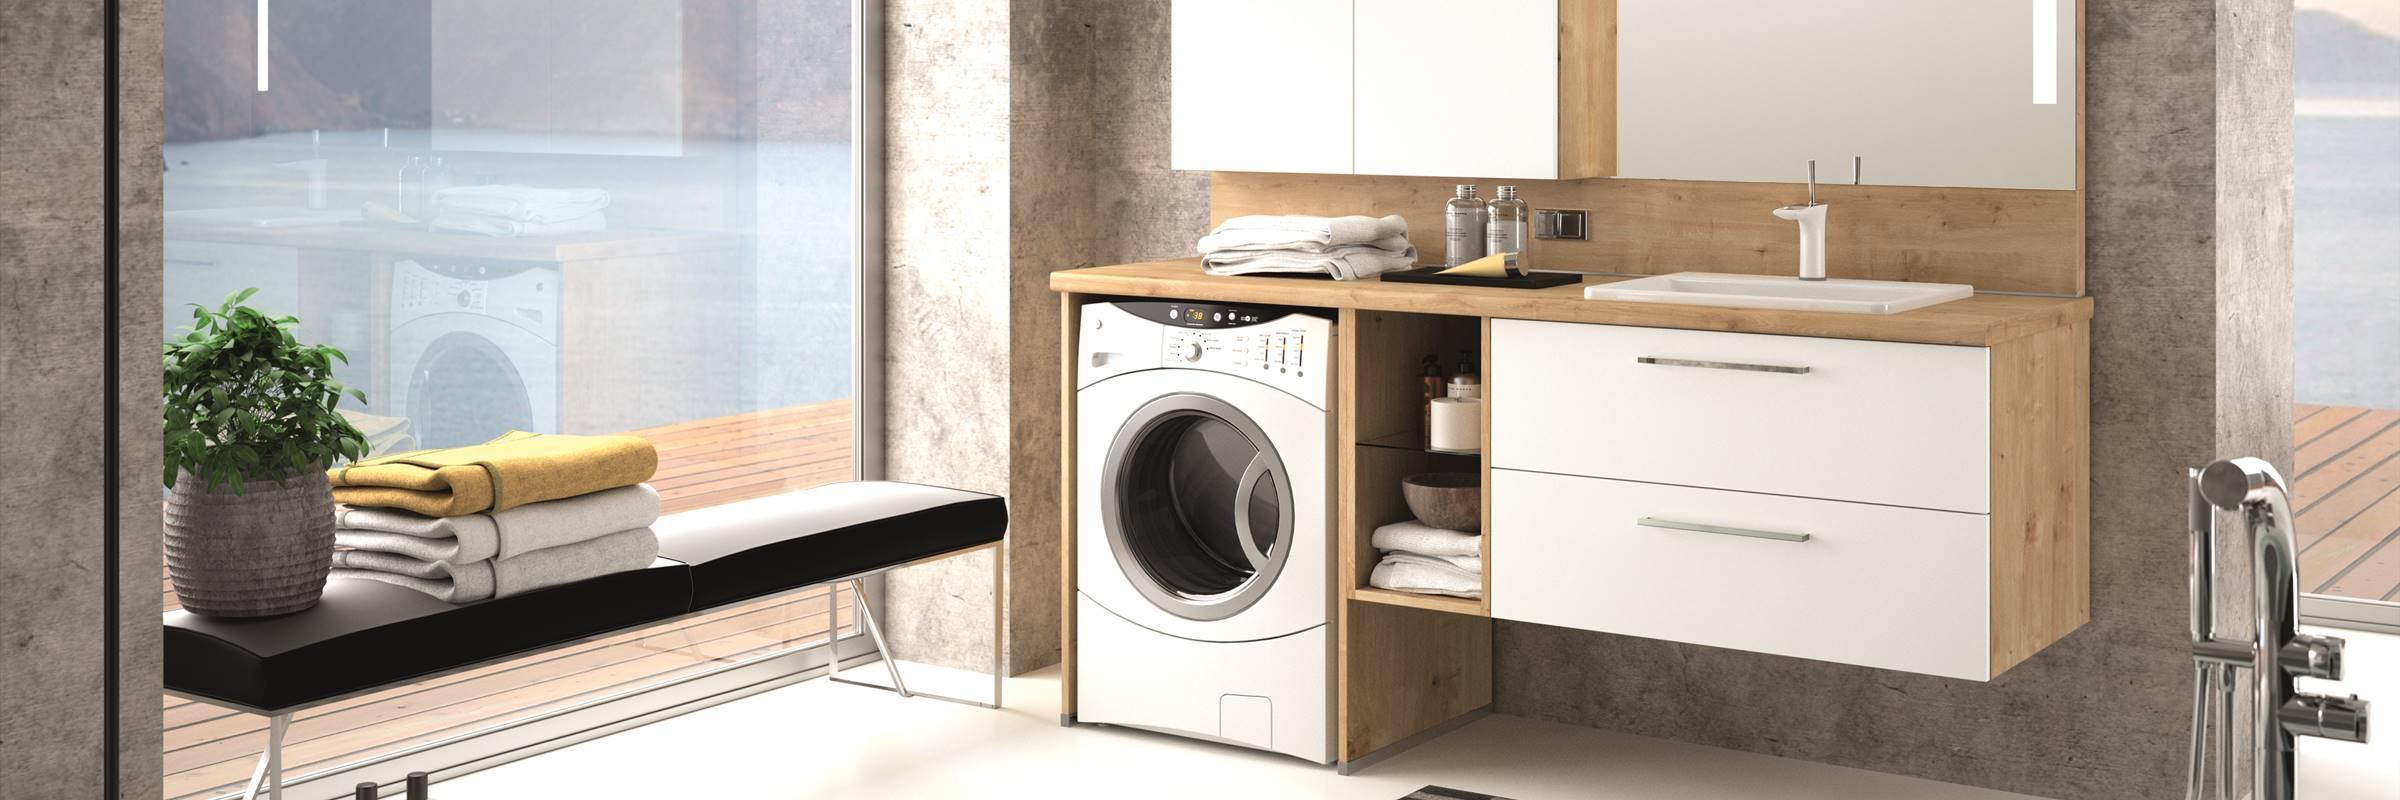 dansk mbelhaus good awesome porsche carrera dansk sport sound exhaust with dansk design gmbh. Black Bedroom Furniture Sets. Home Design Ideas